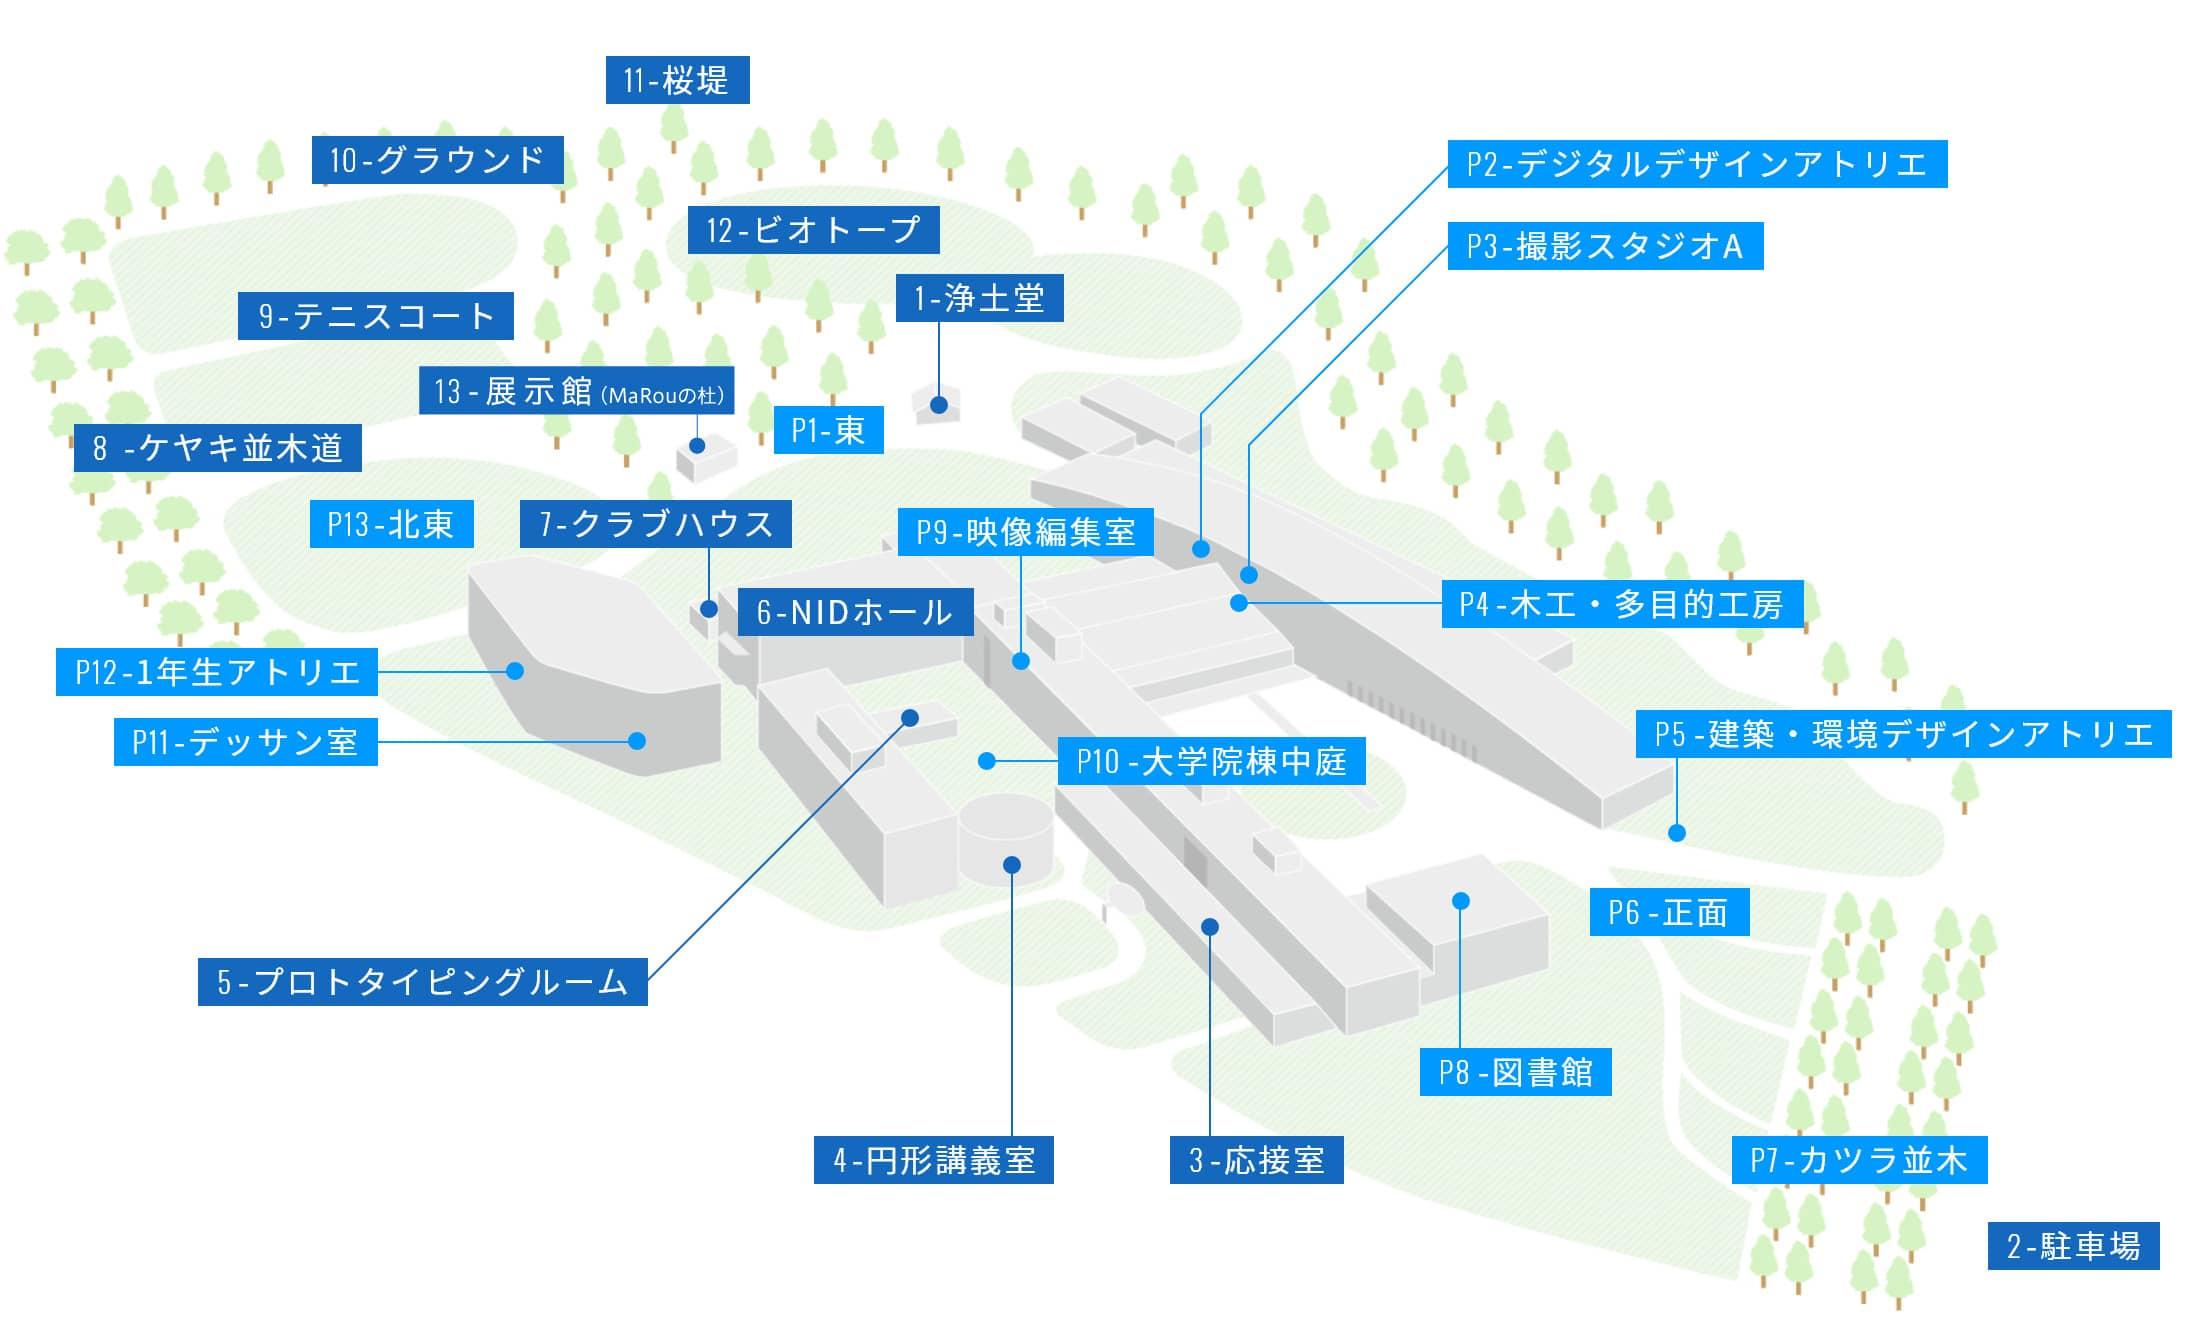 大学構内図